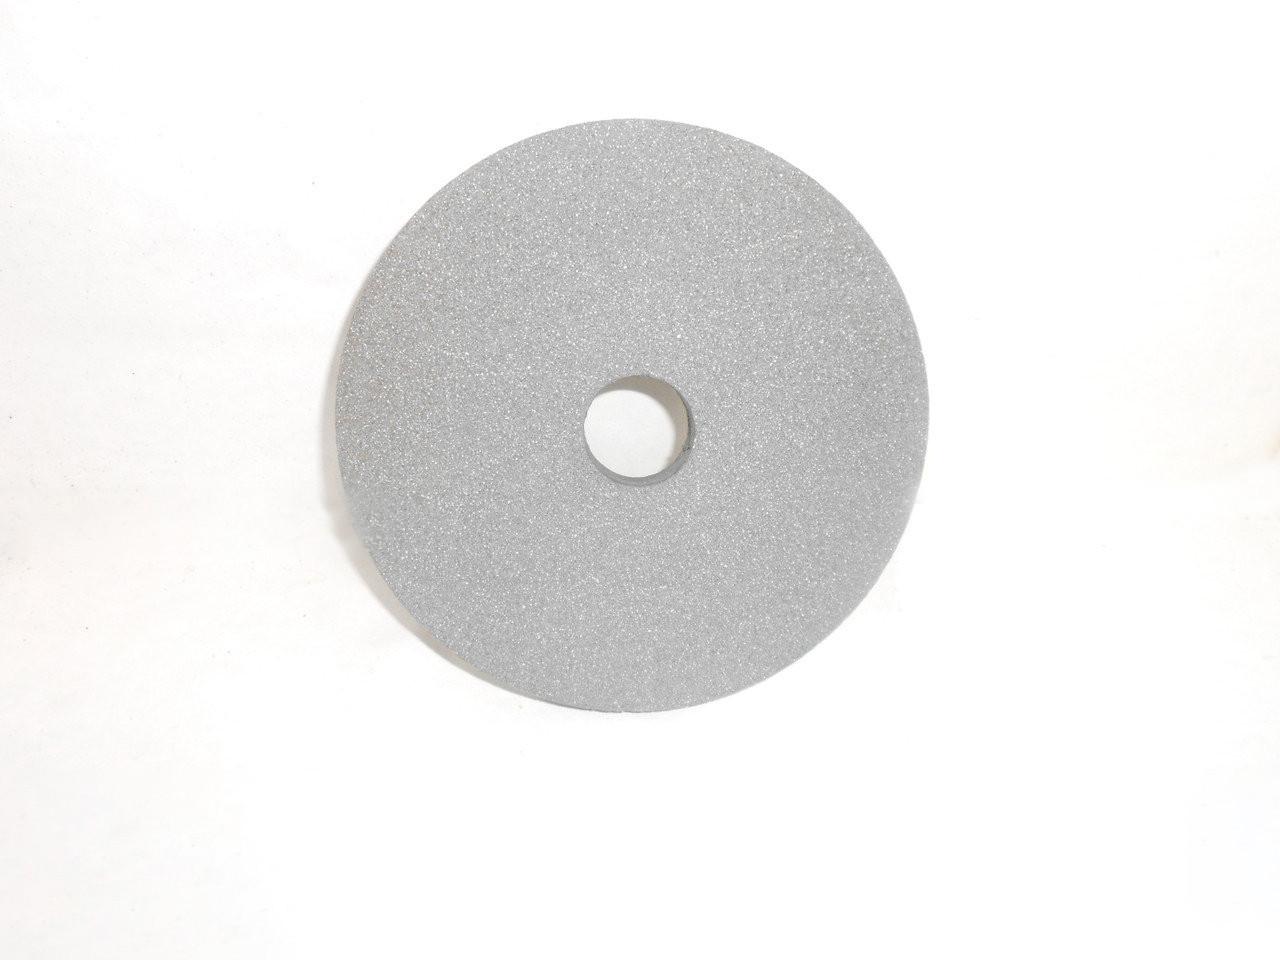 Круг шлифовальный 14А ПП 175х20х32  16-40 СМ-СТ